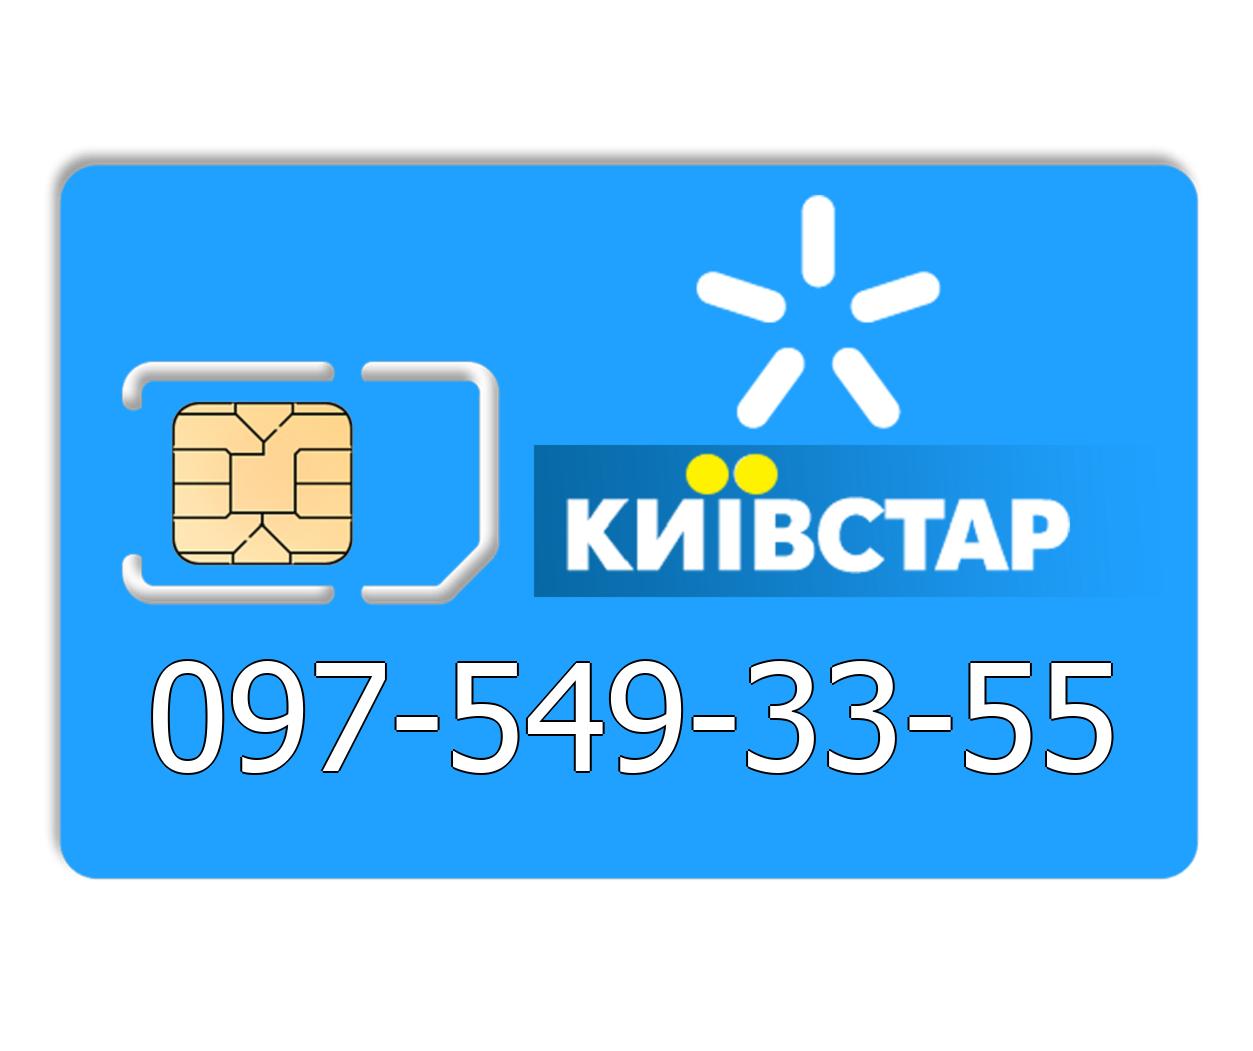 Красивый номер Киевстар 097-549-33-55